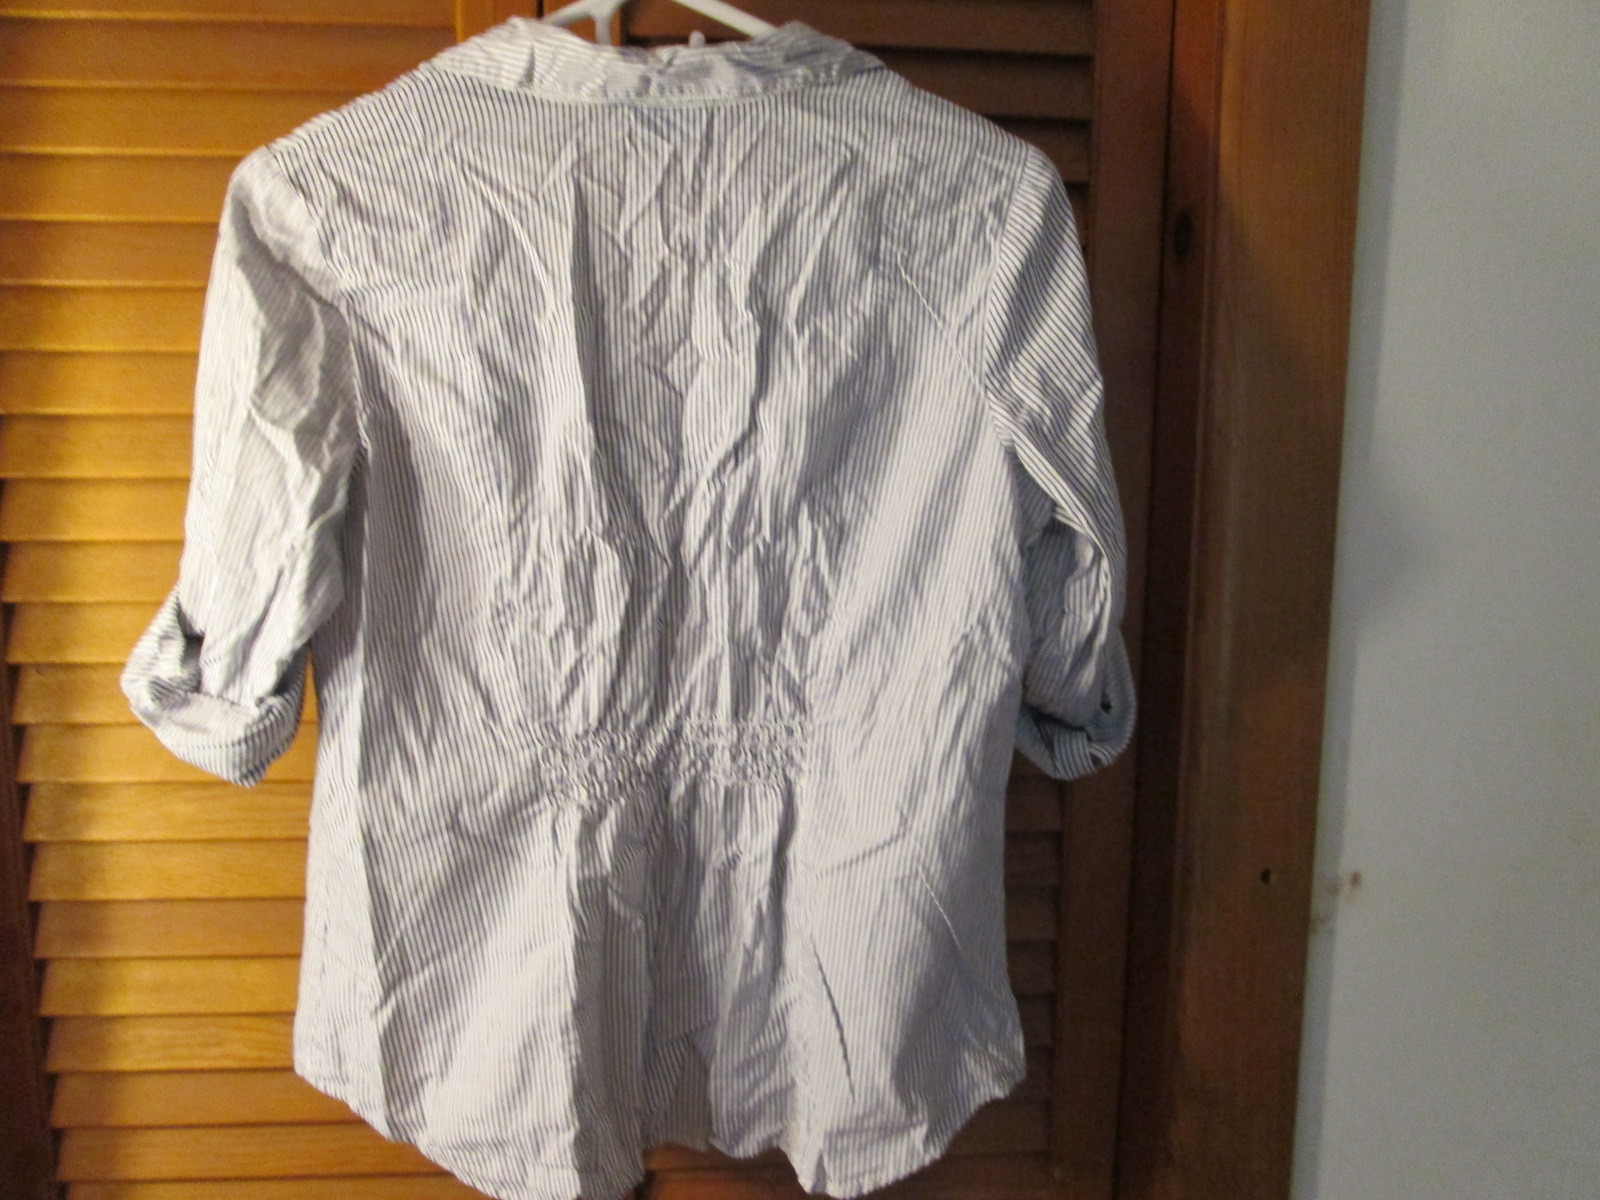 Womens Shirt PM A.N.A Petite Blue & White Striped TF152/ALS